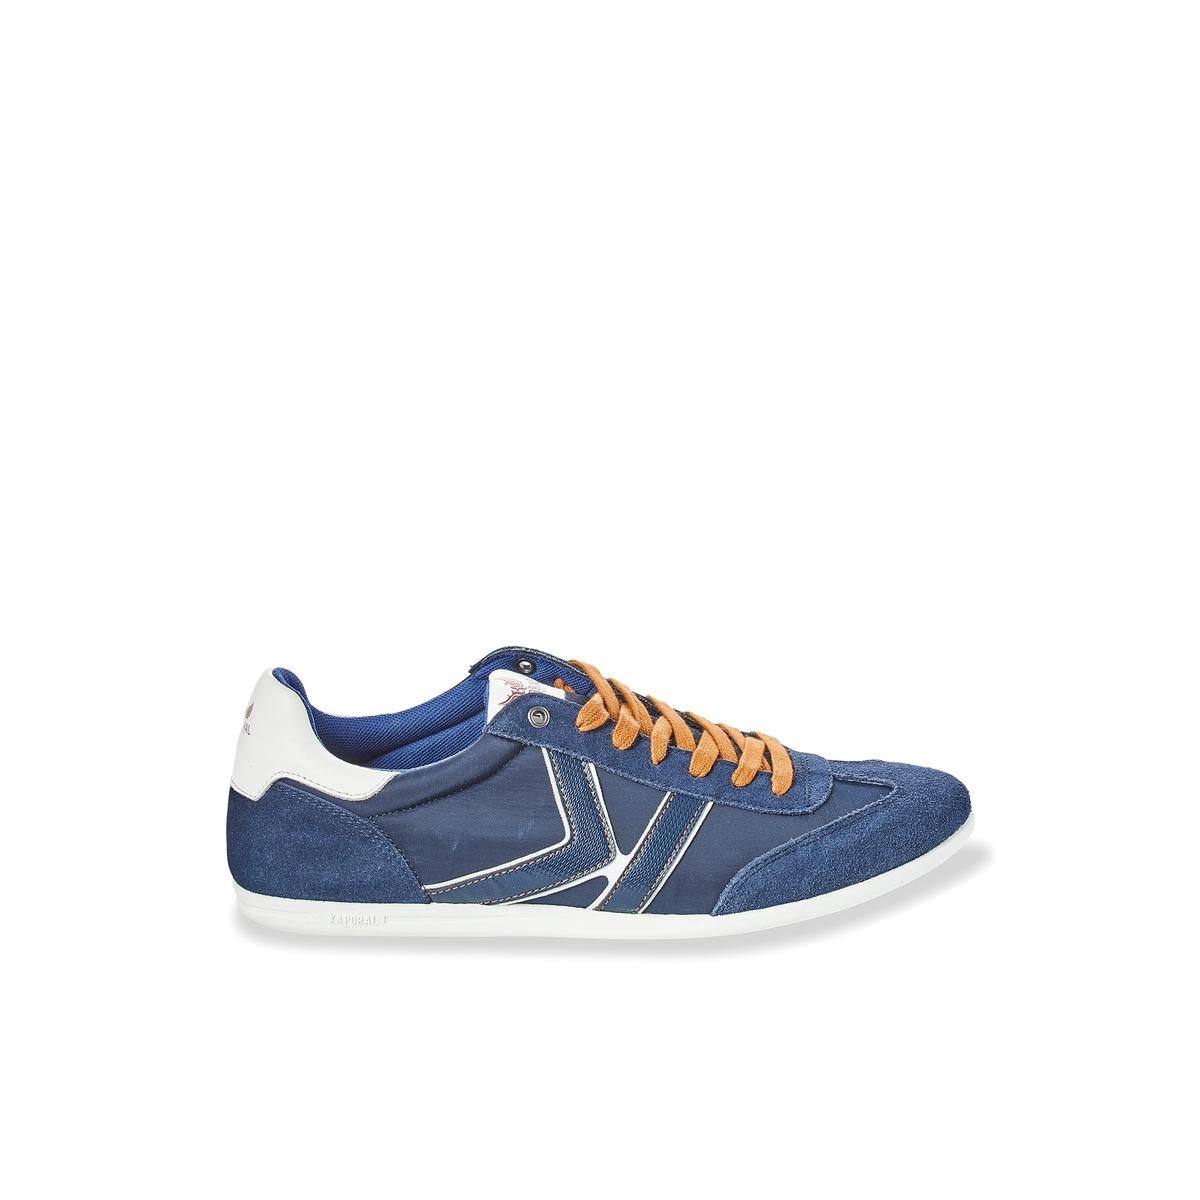 Кеды KaralДетали  •  Спортивный стиль •  Плоский каблук •  Высота каблука : 0 см •  Застежка : шнуровкаСостав и уход  •  Верх 40% свиной кожи, 60% текстиля<br><br>Цвет: синий морской